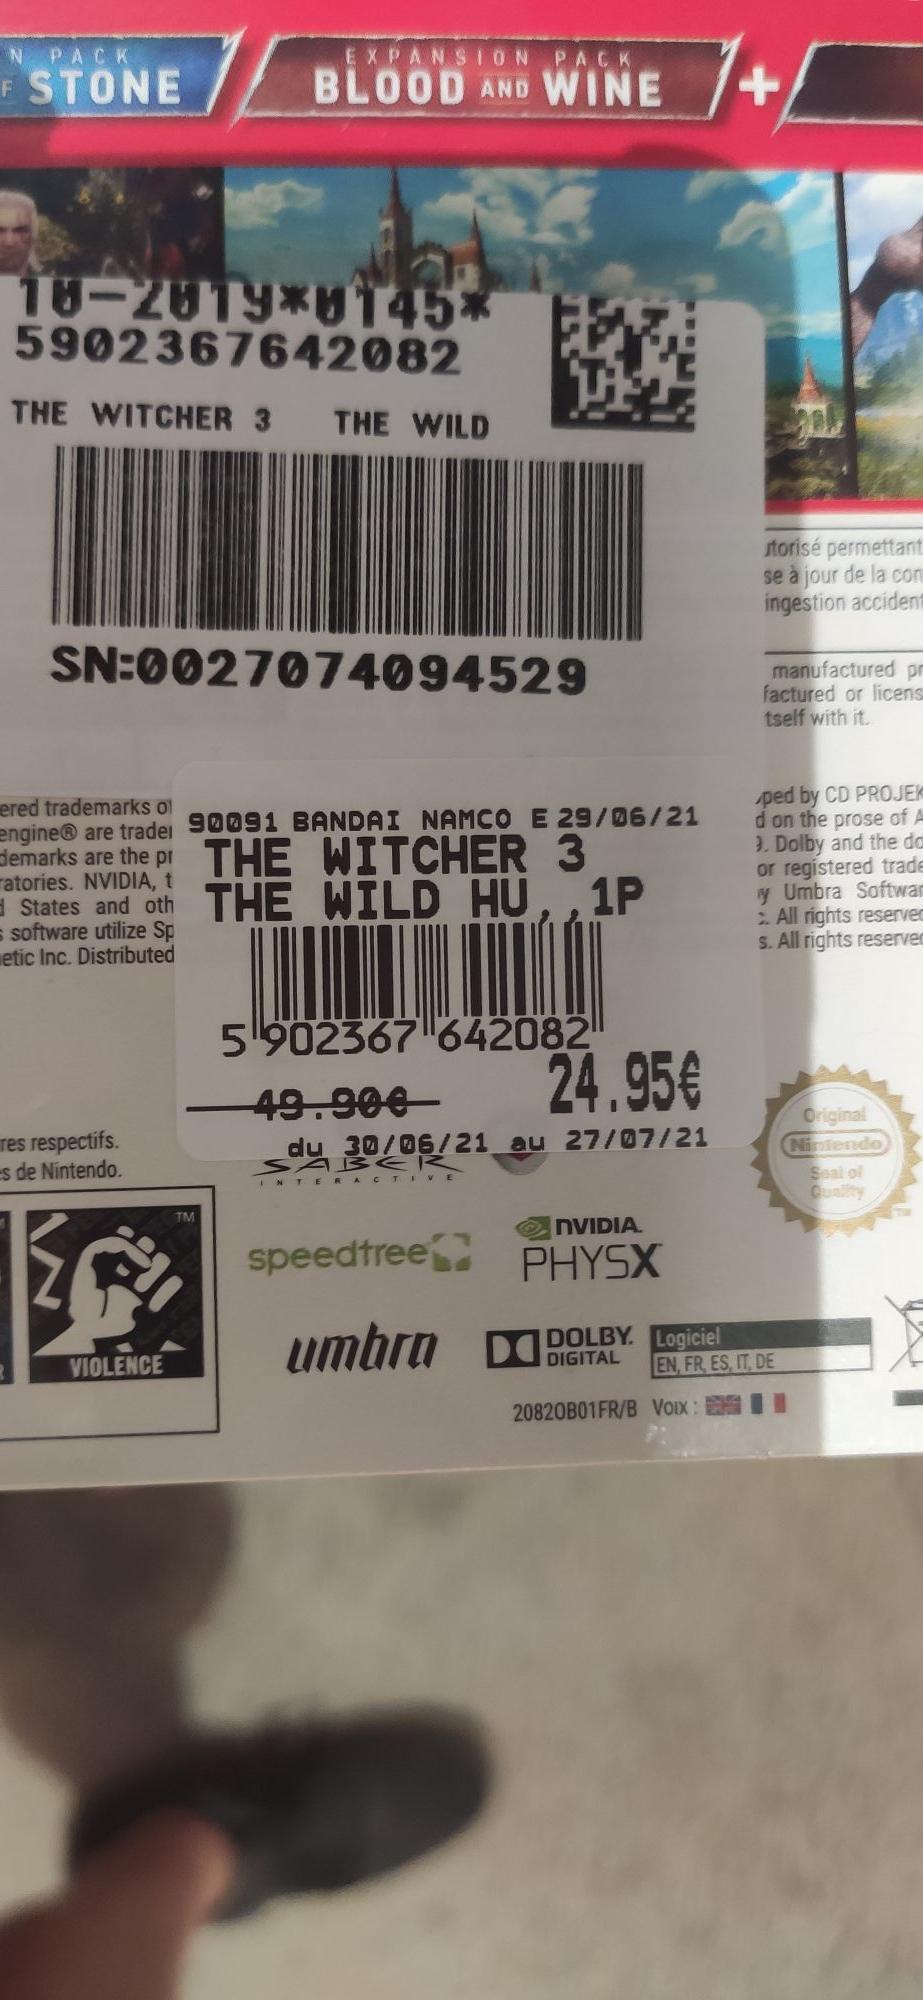 The Witcher 3 : Wild Hunt Complète Edition sur Nintendo Switch - Leclerc Nogent le rotrou (28)